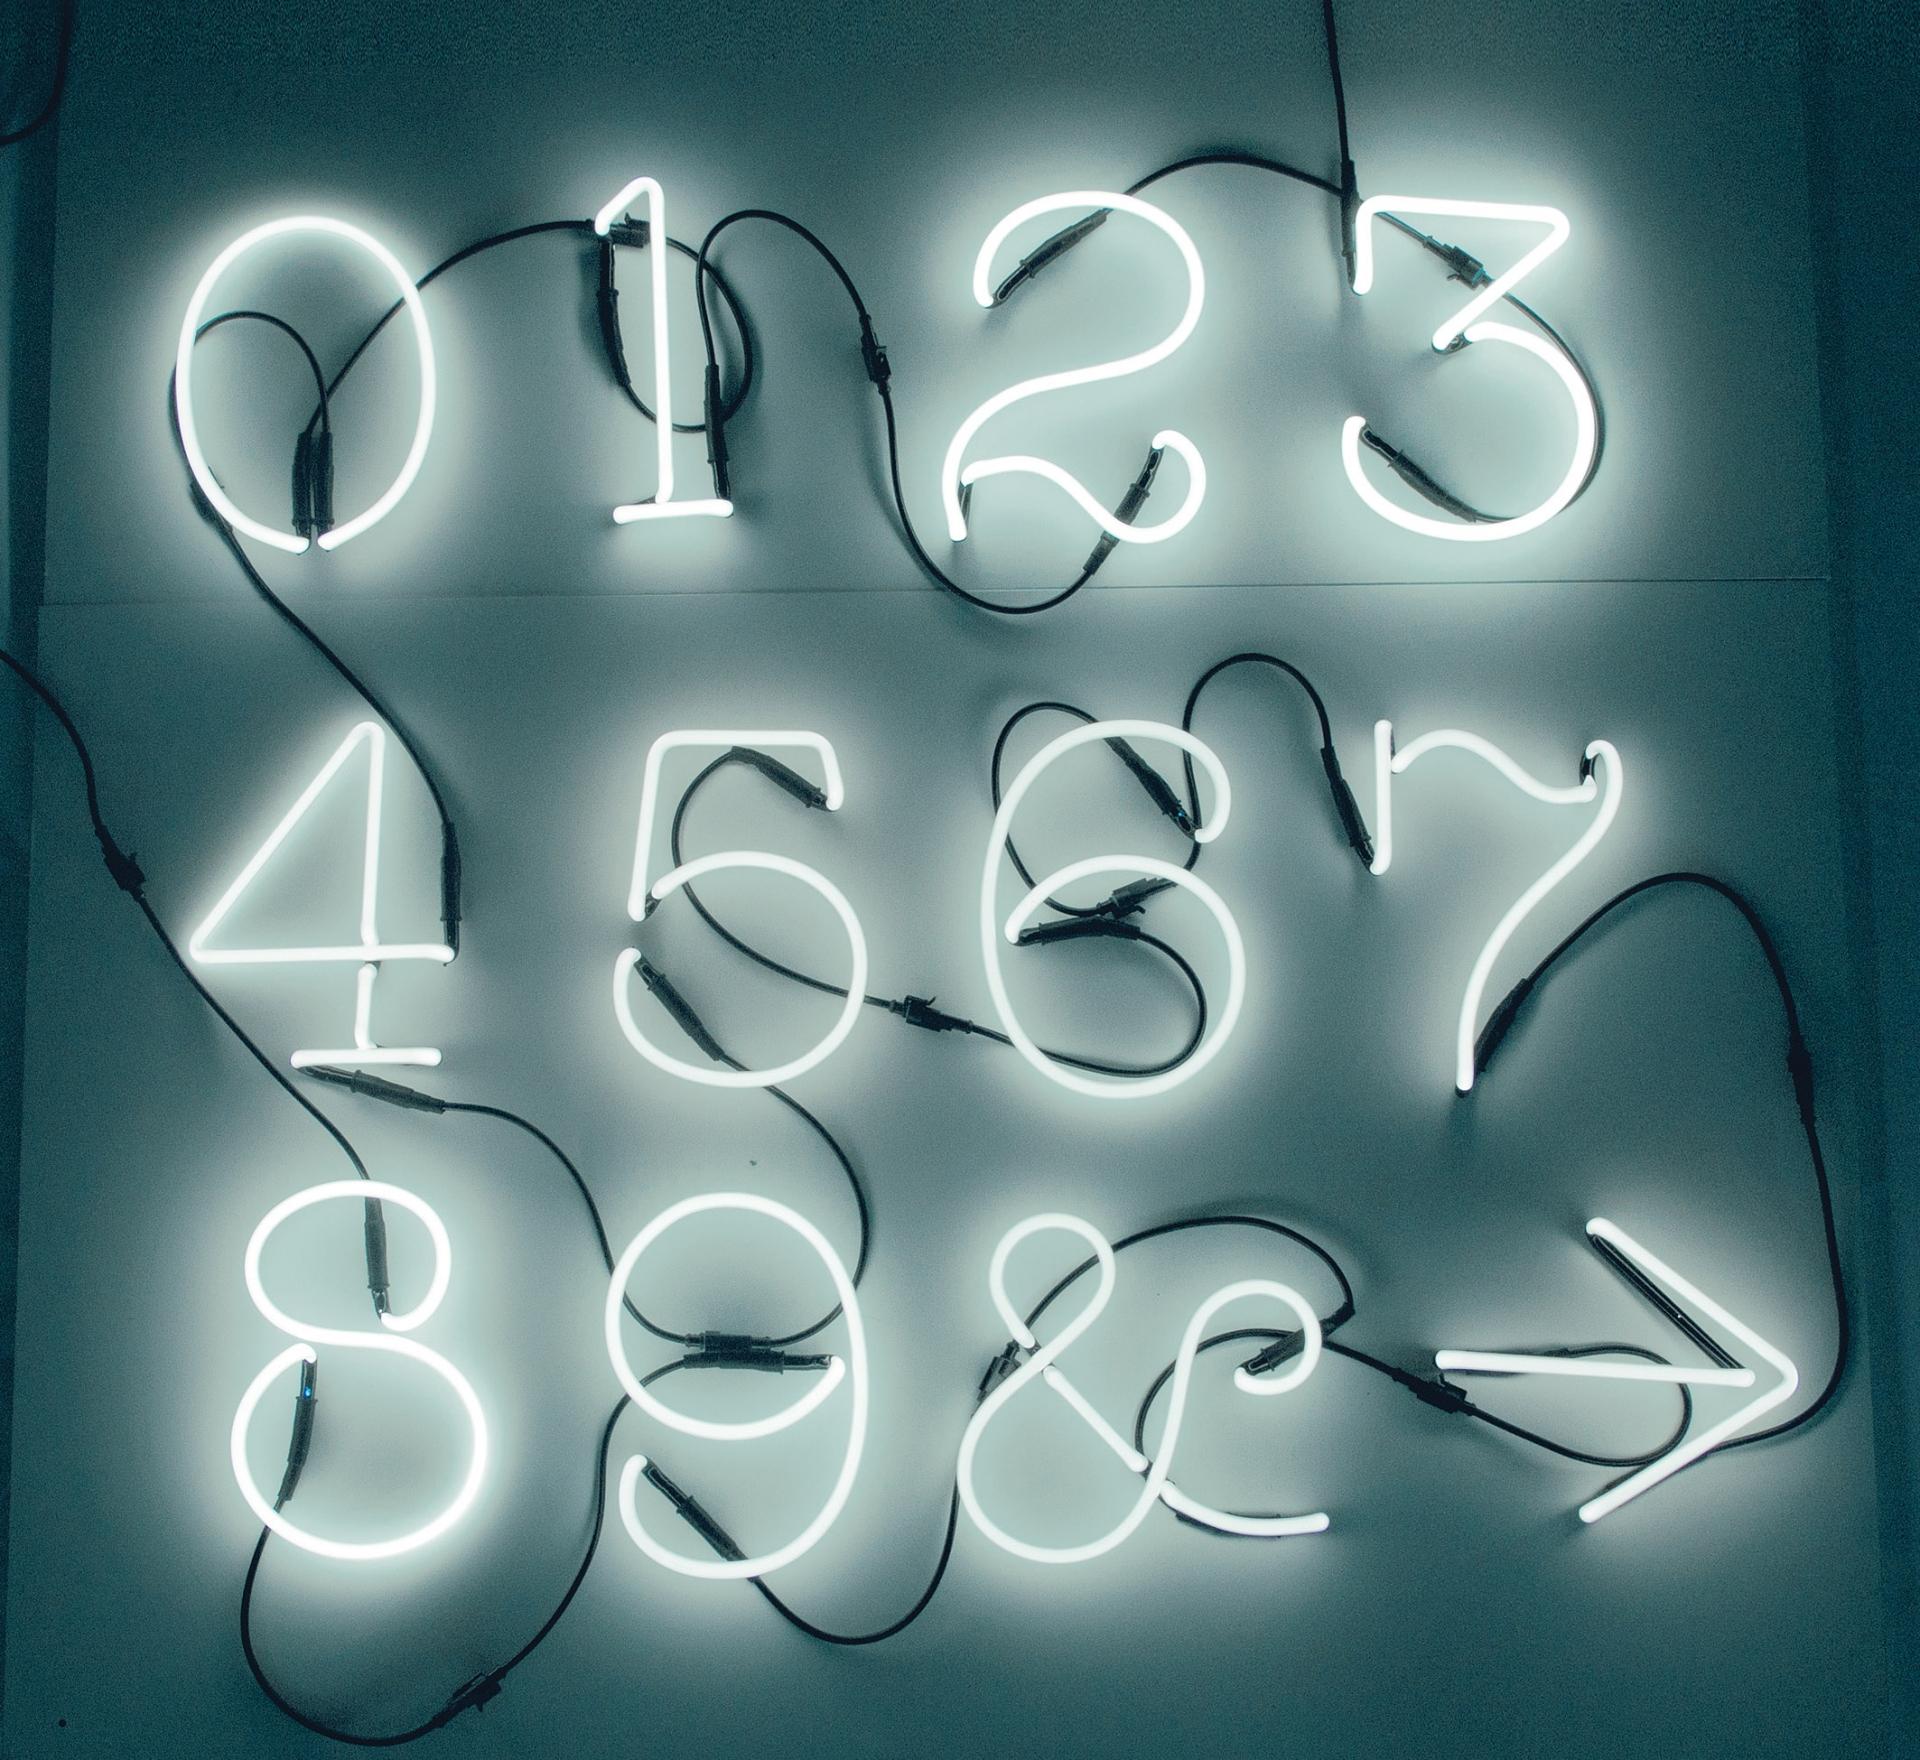 Seletti designová nástěnná svítidla Neon Art (číslice)